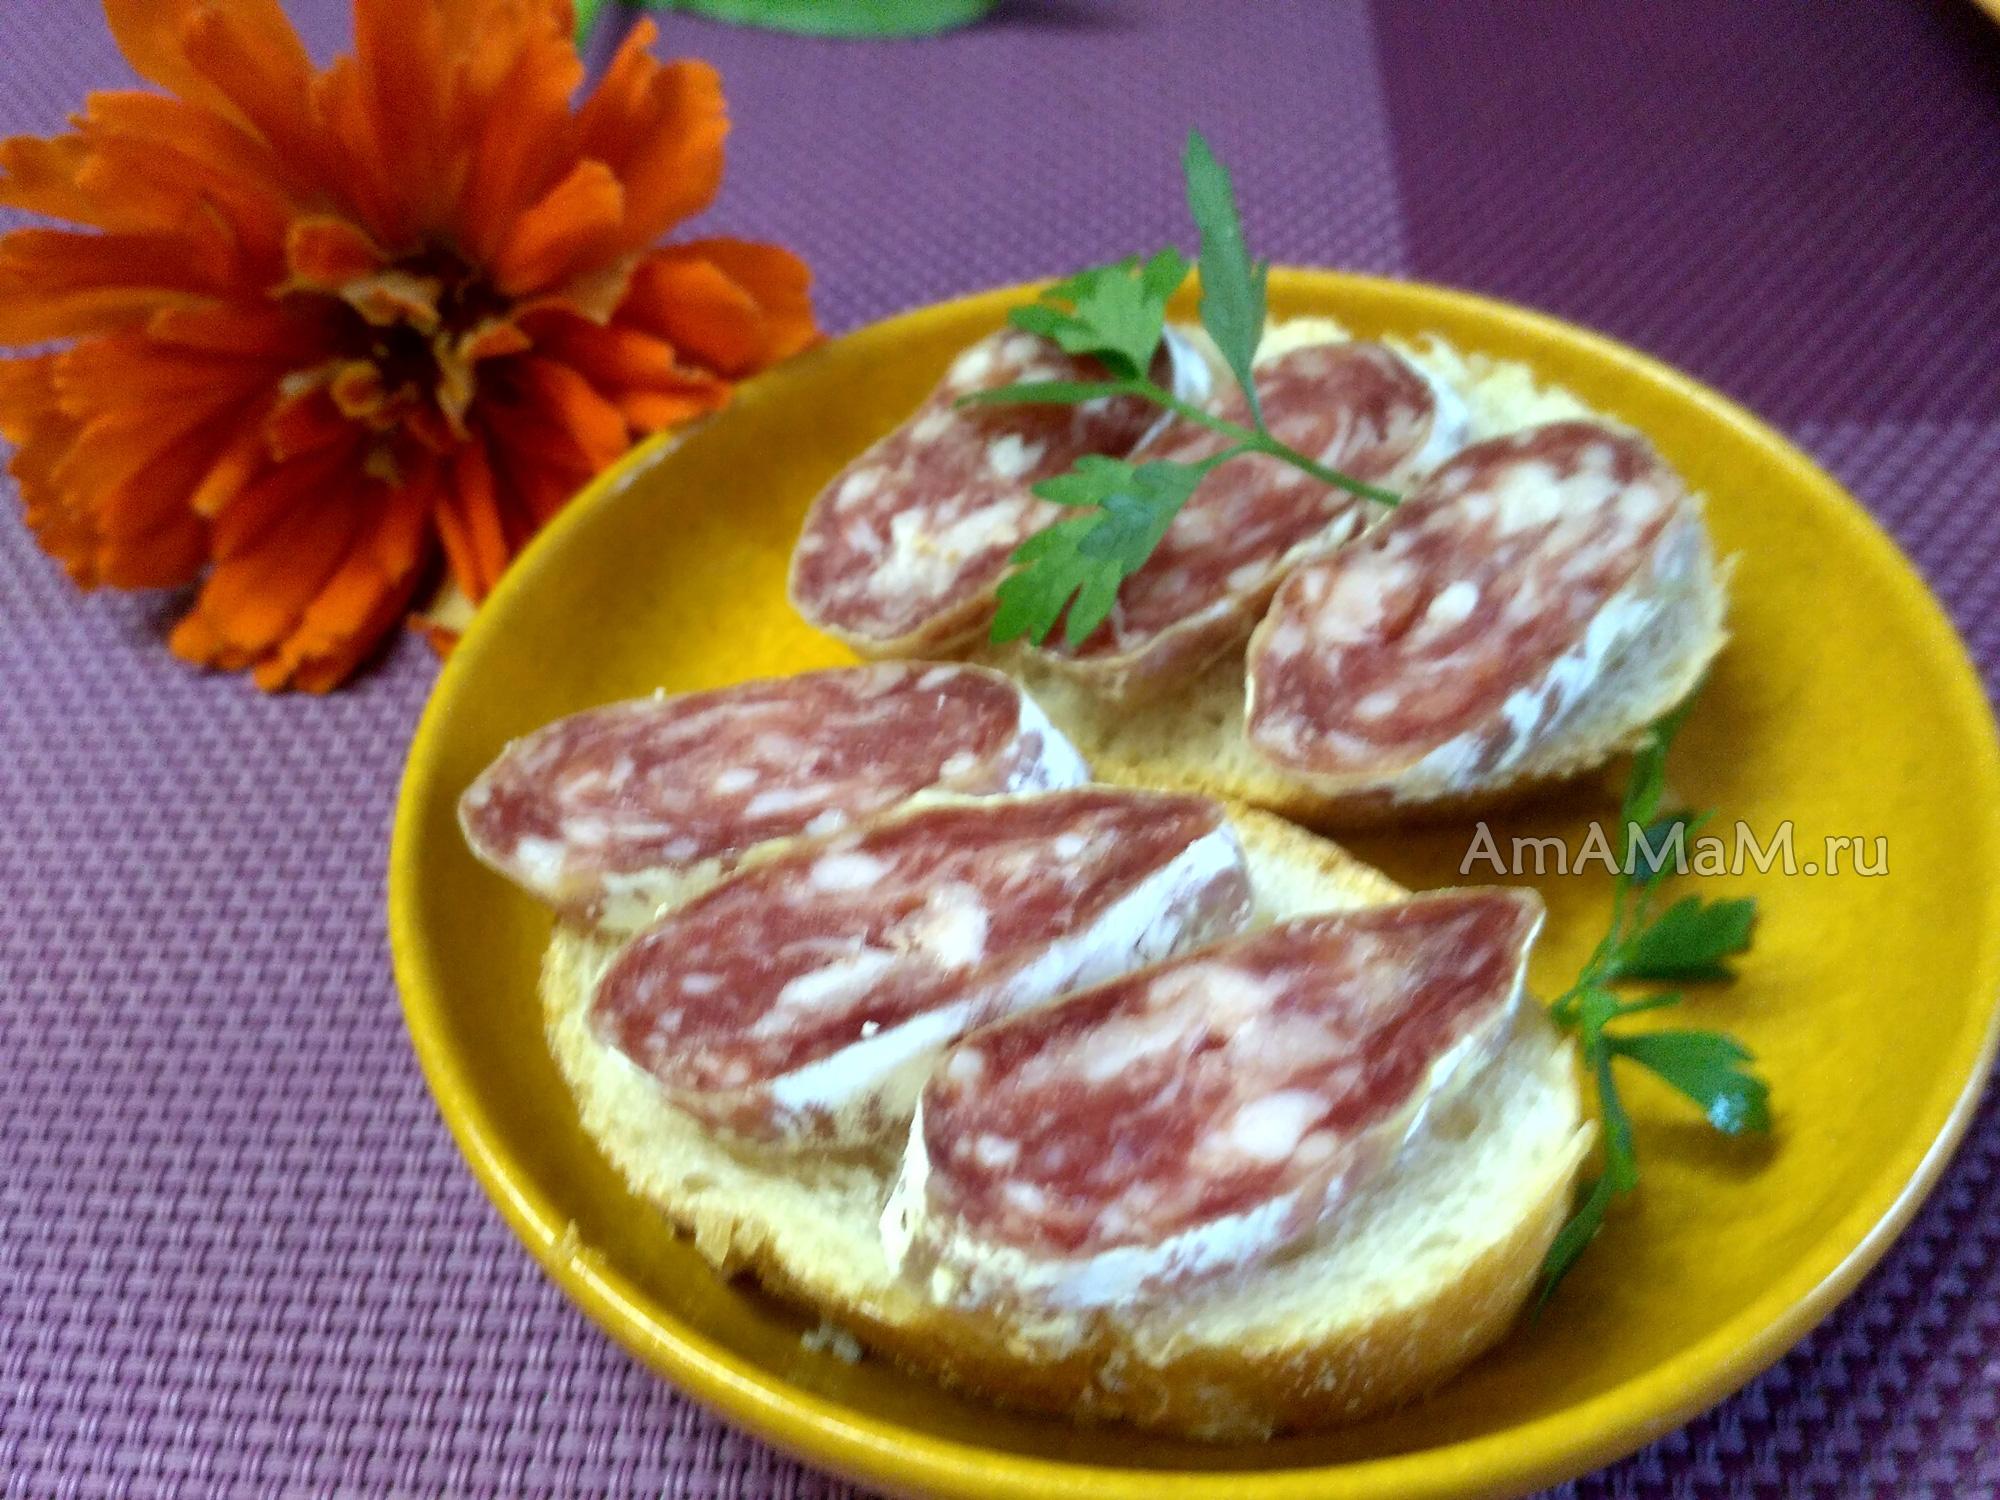 Как едят фуэт - фото колбасы